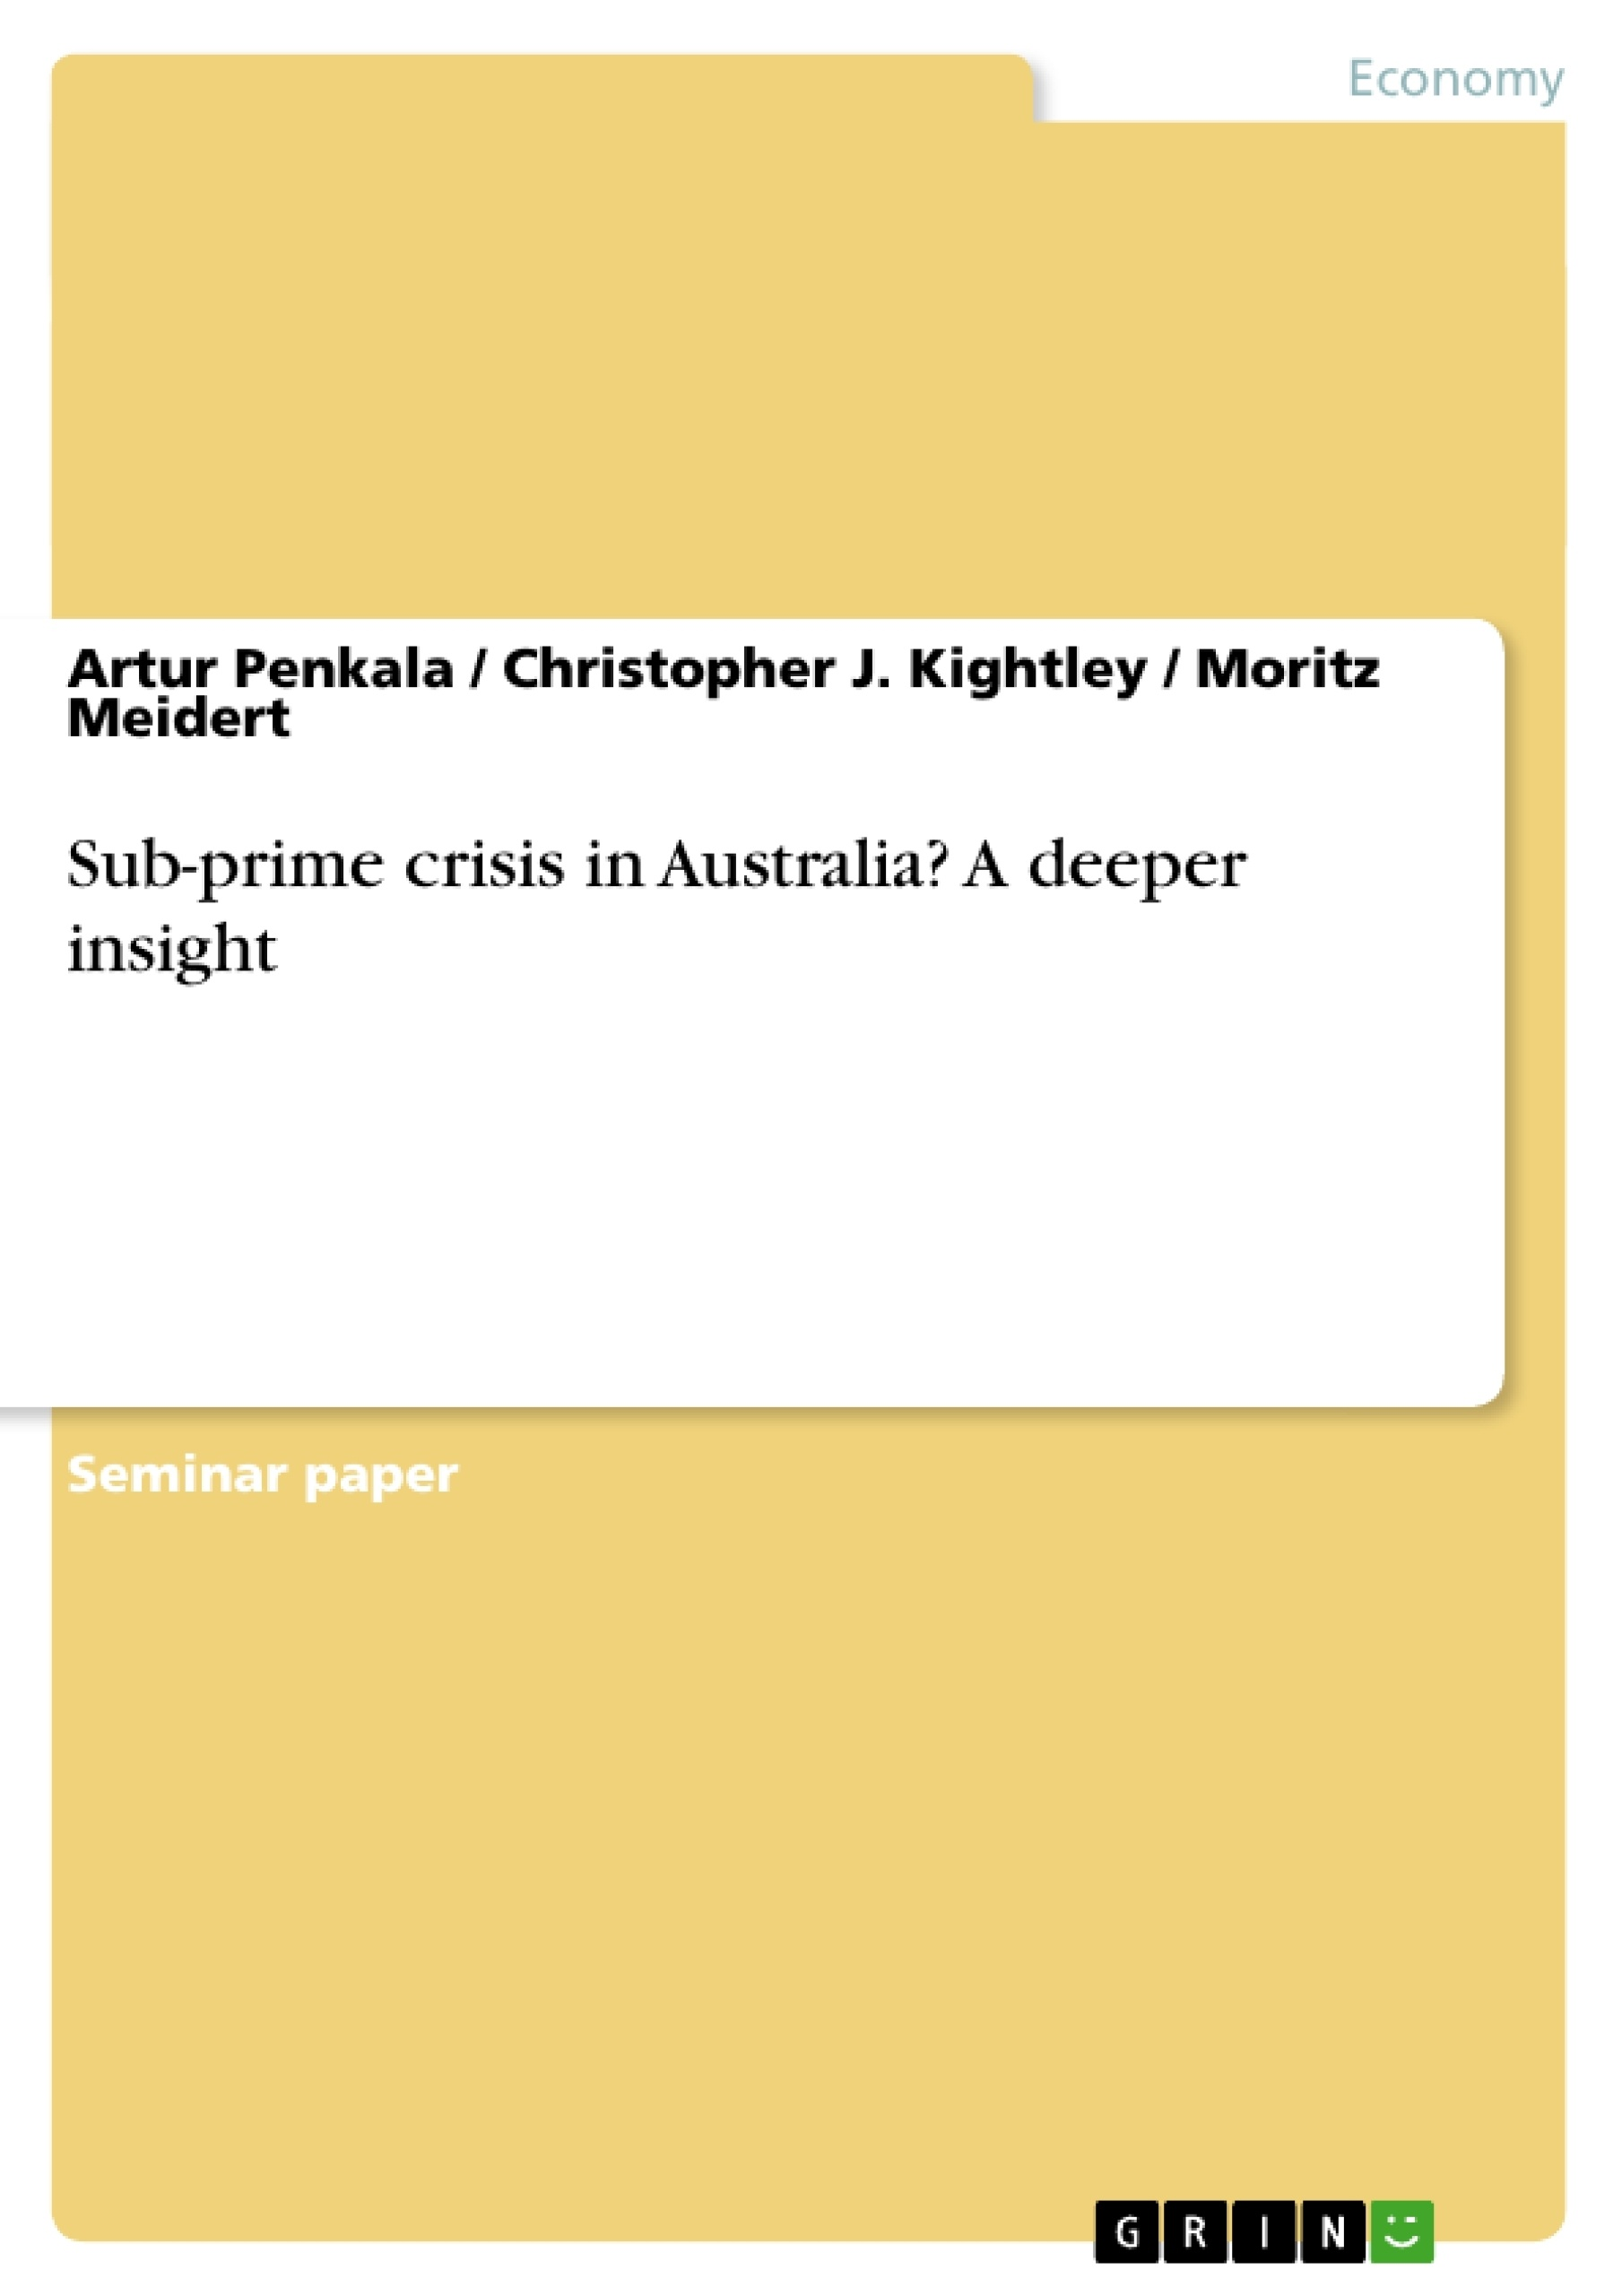 Title: Sub-prime crisis in Australia? A deeper insight